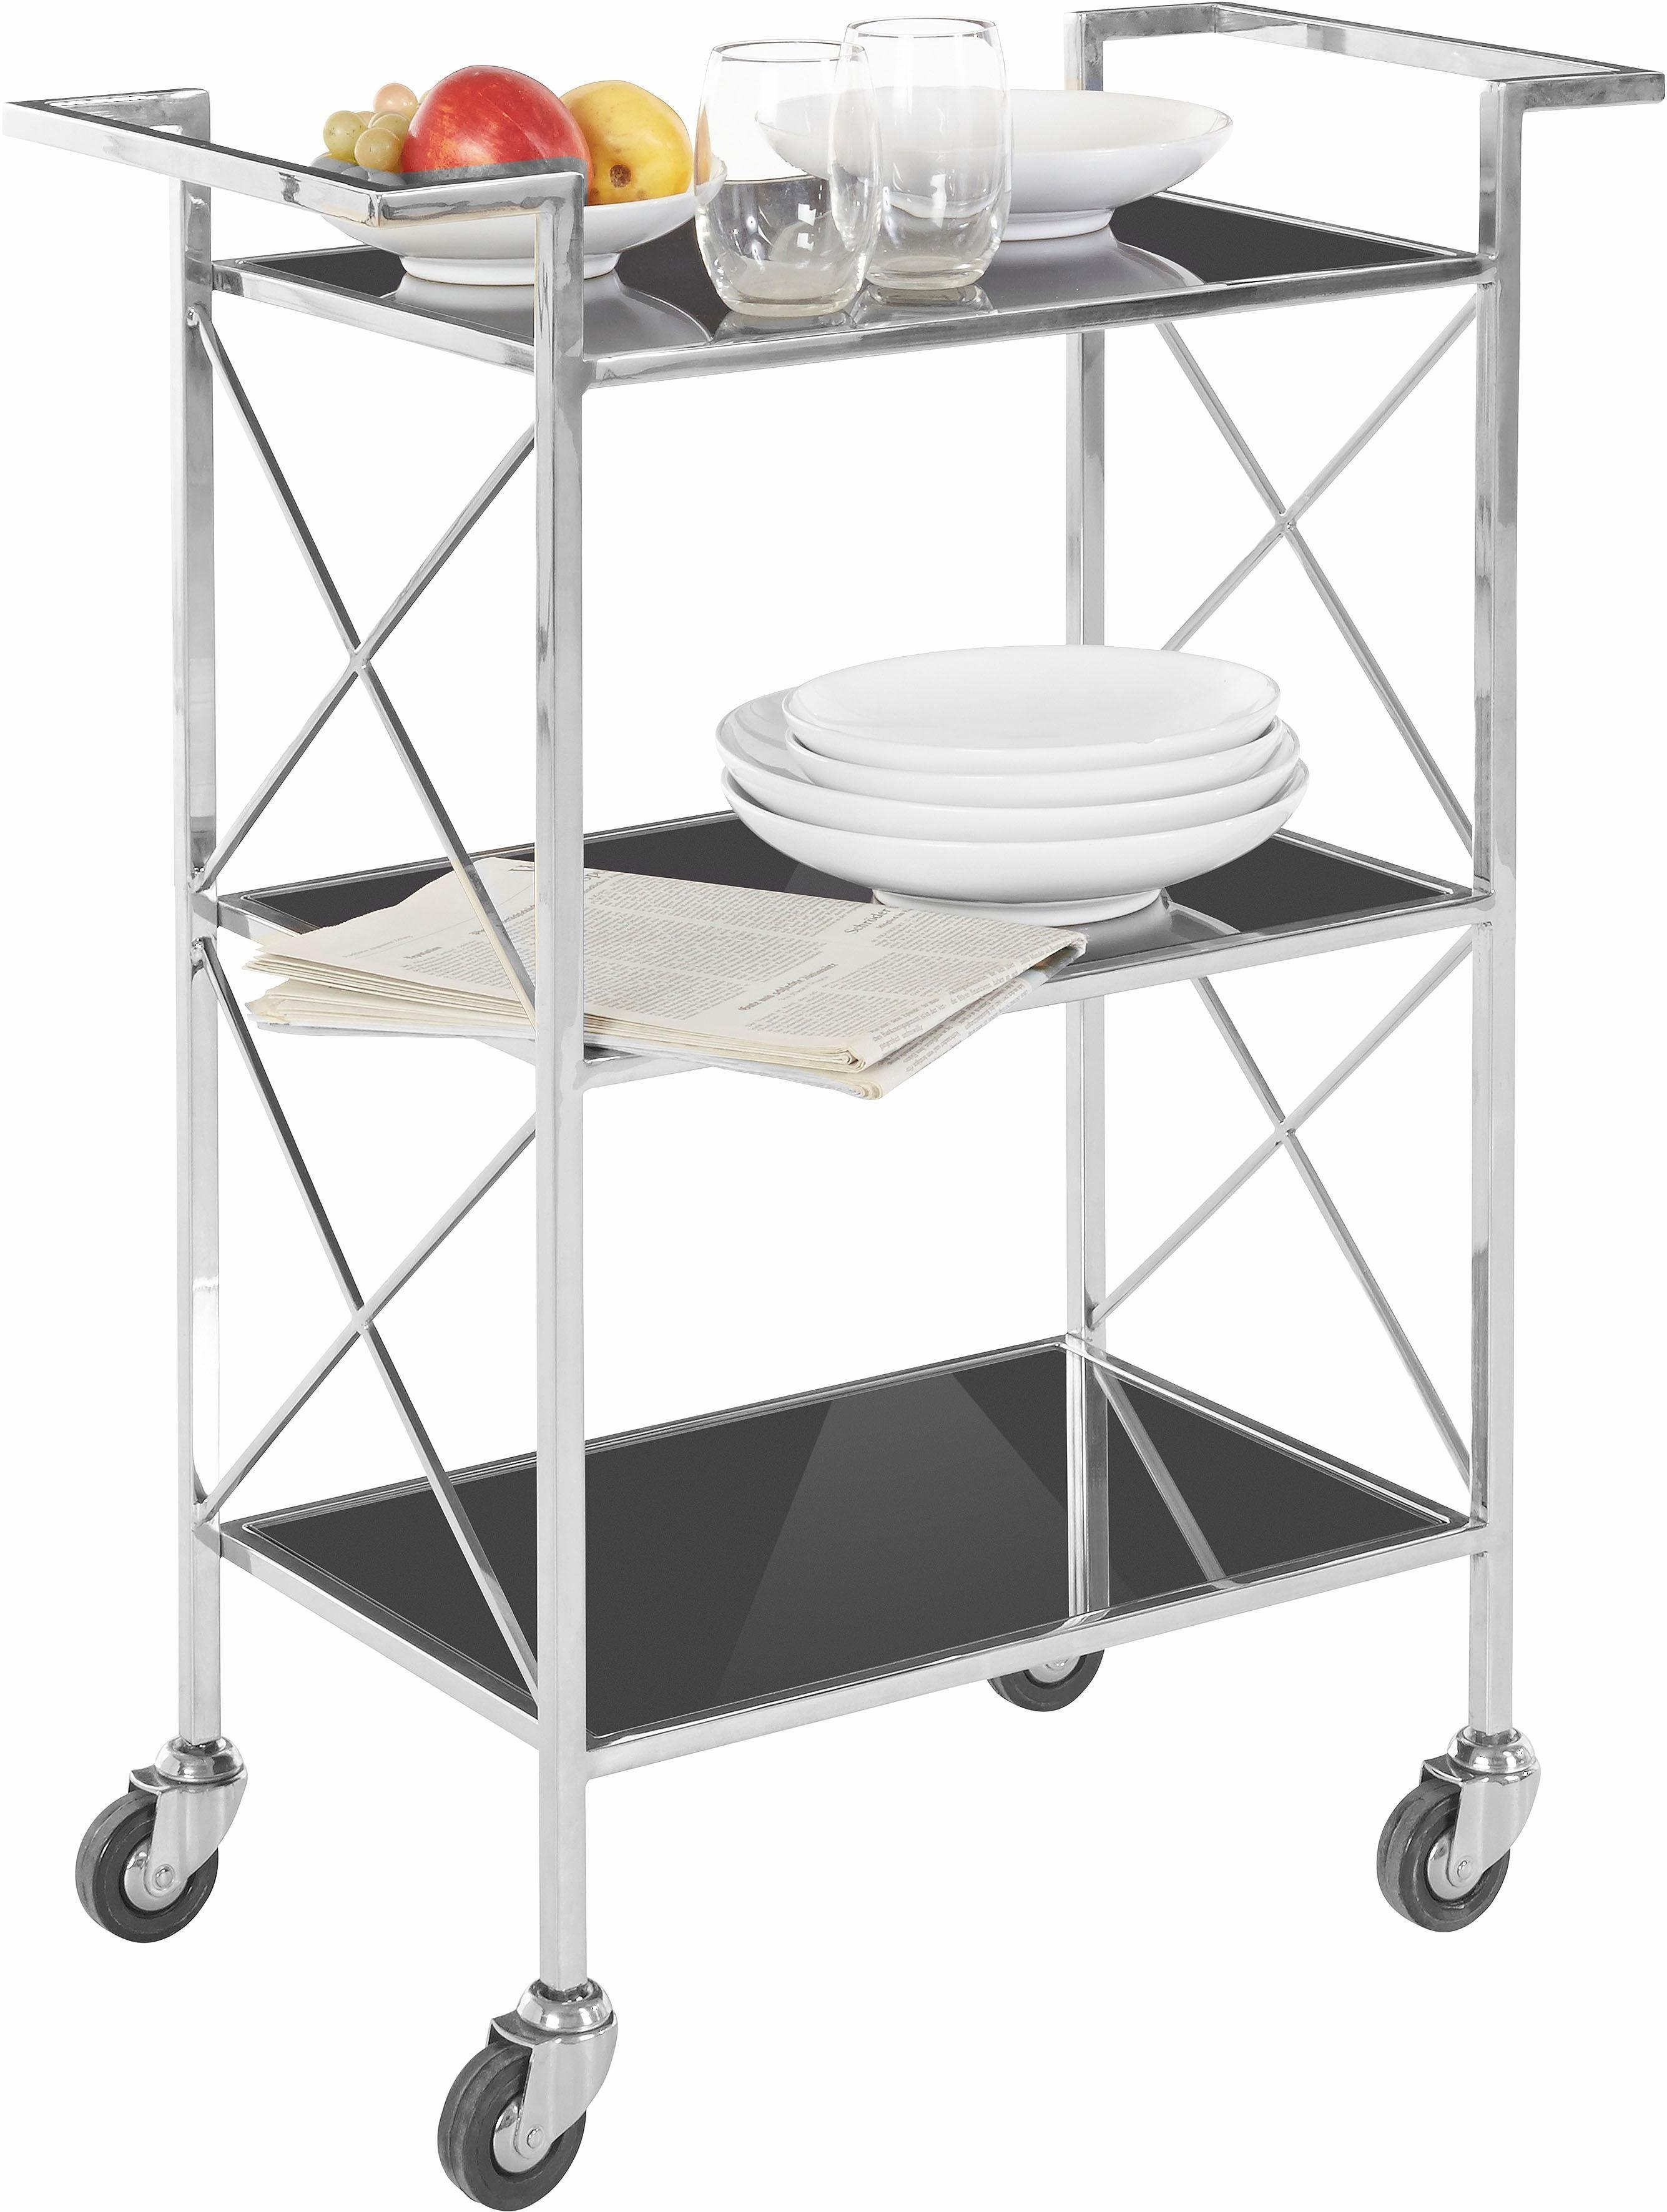 Premium Collection by Home affaire Servierwagen